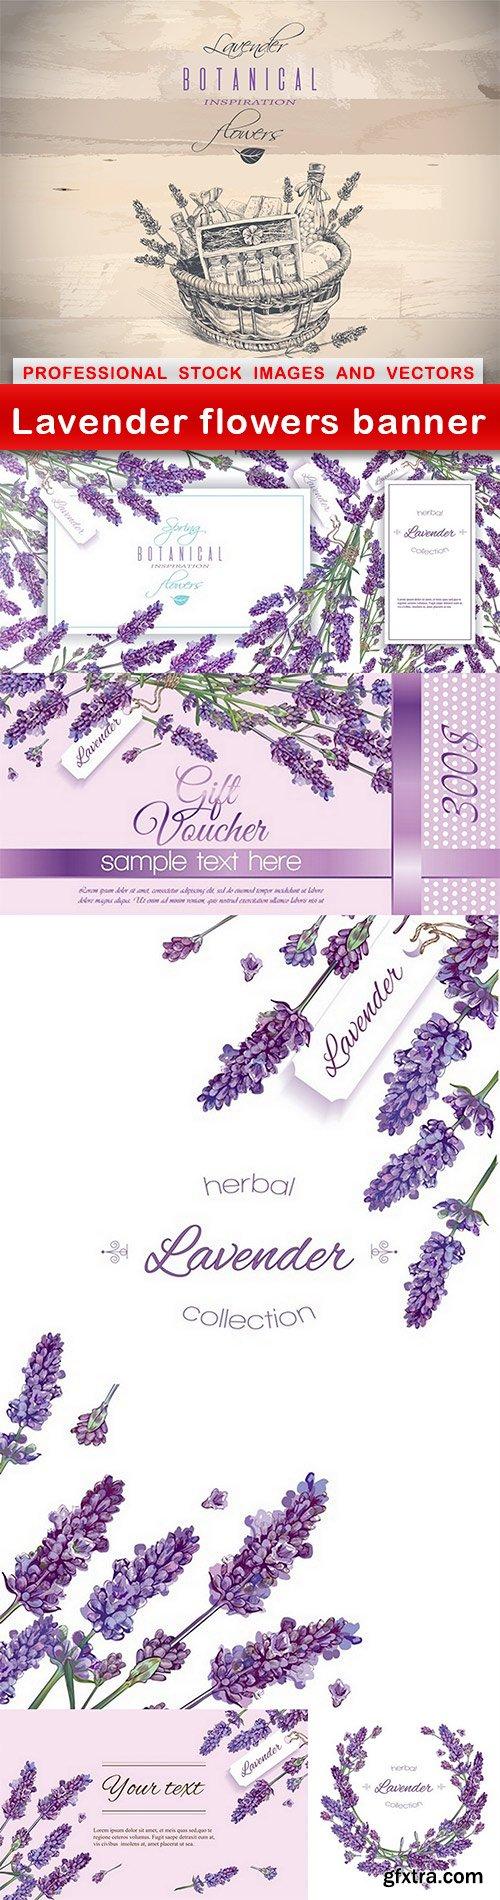 Lavender flowers banner - 7 EPS